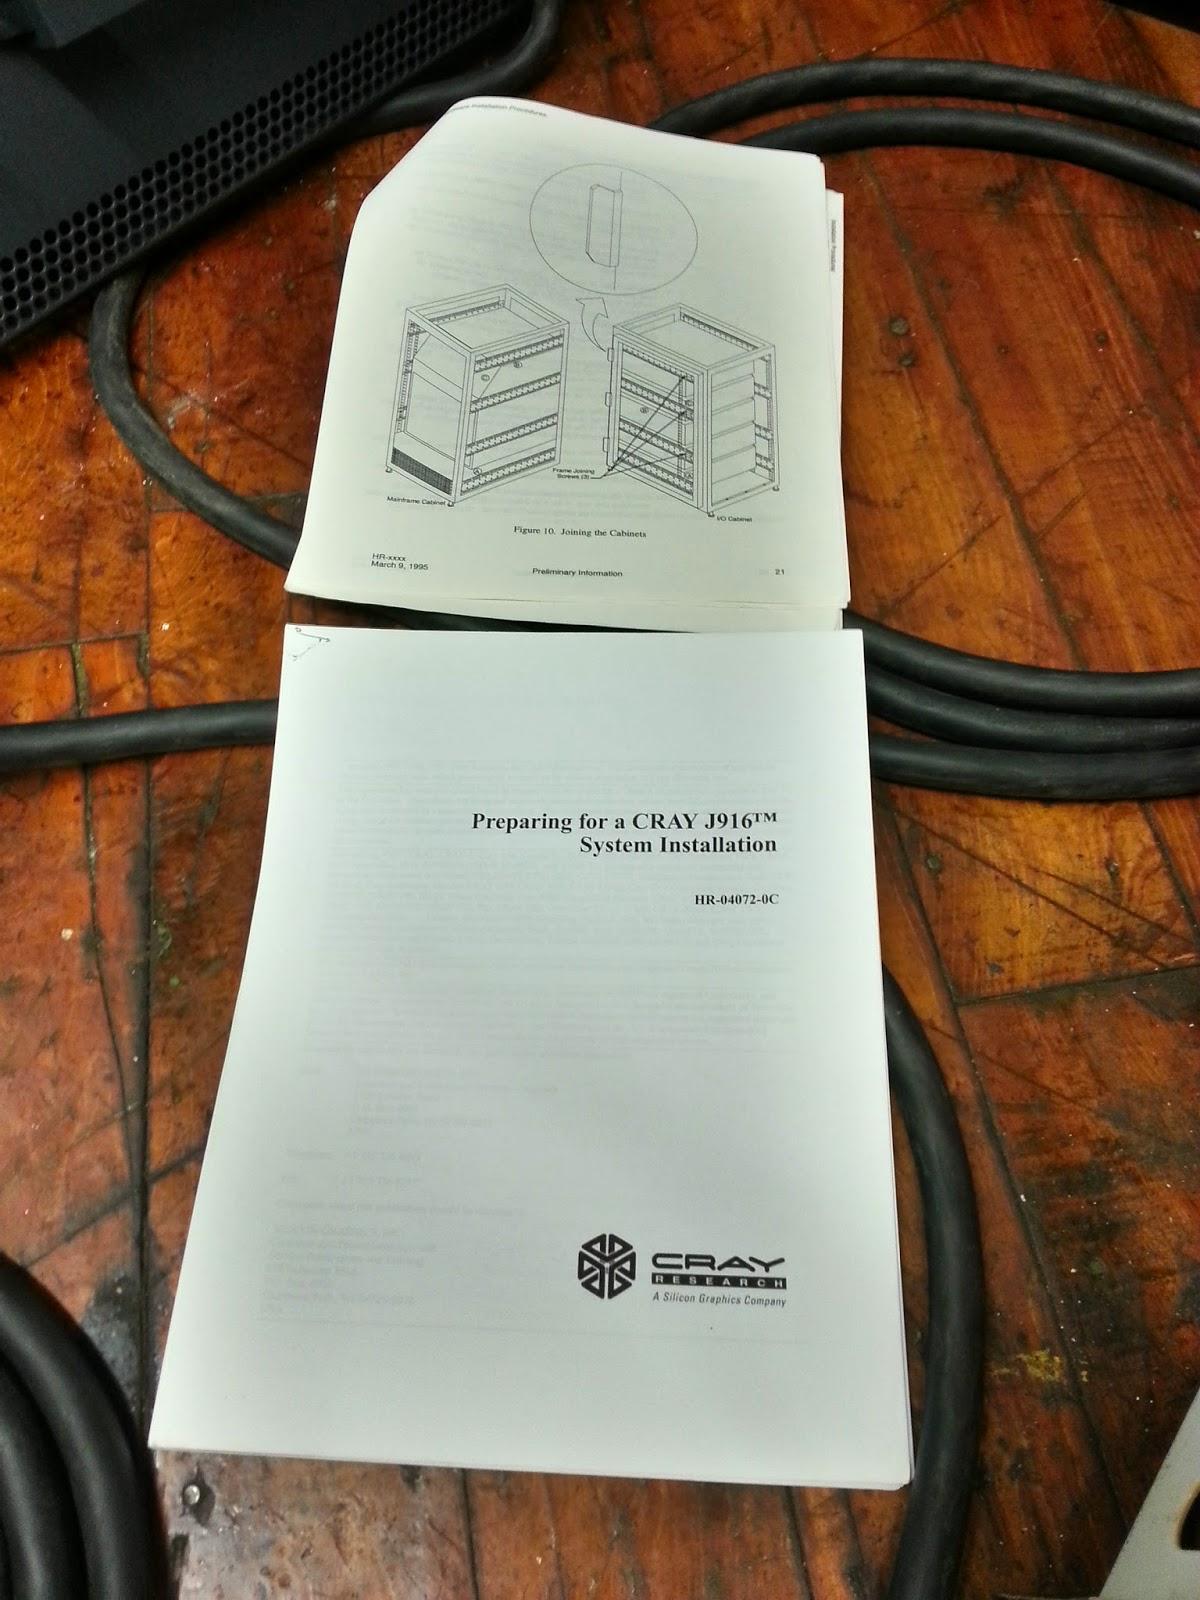 Cray manuals